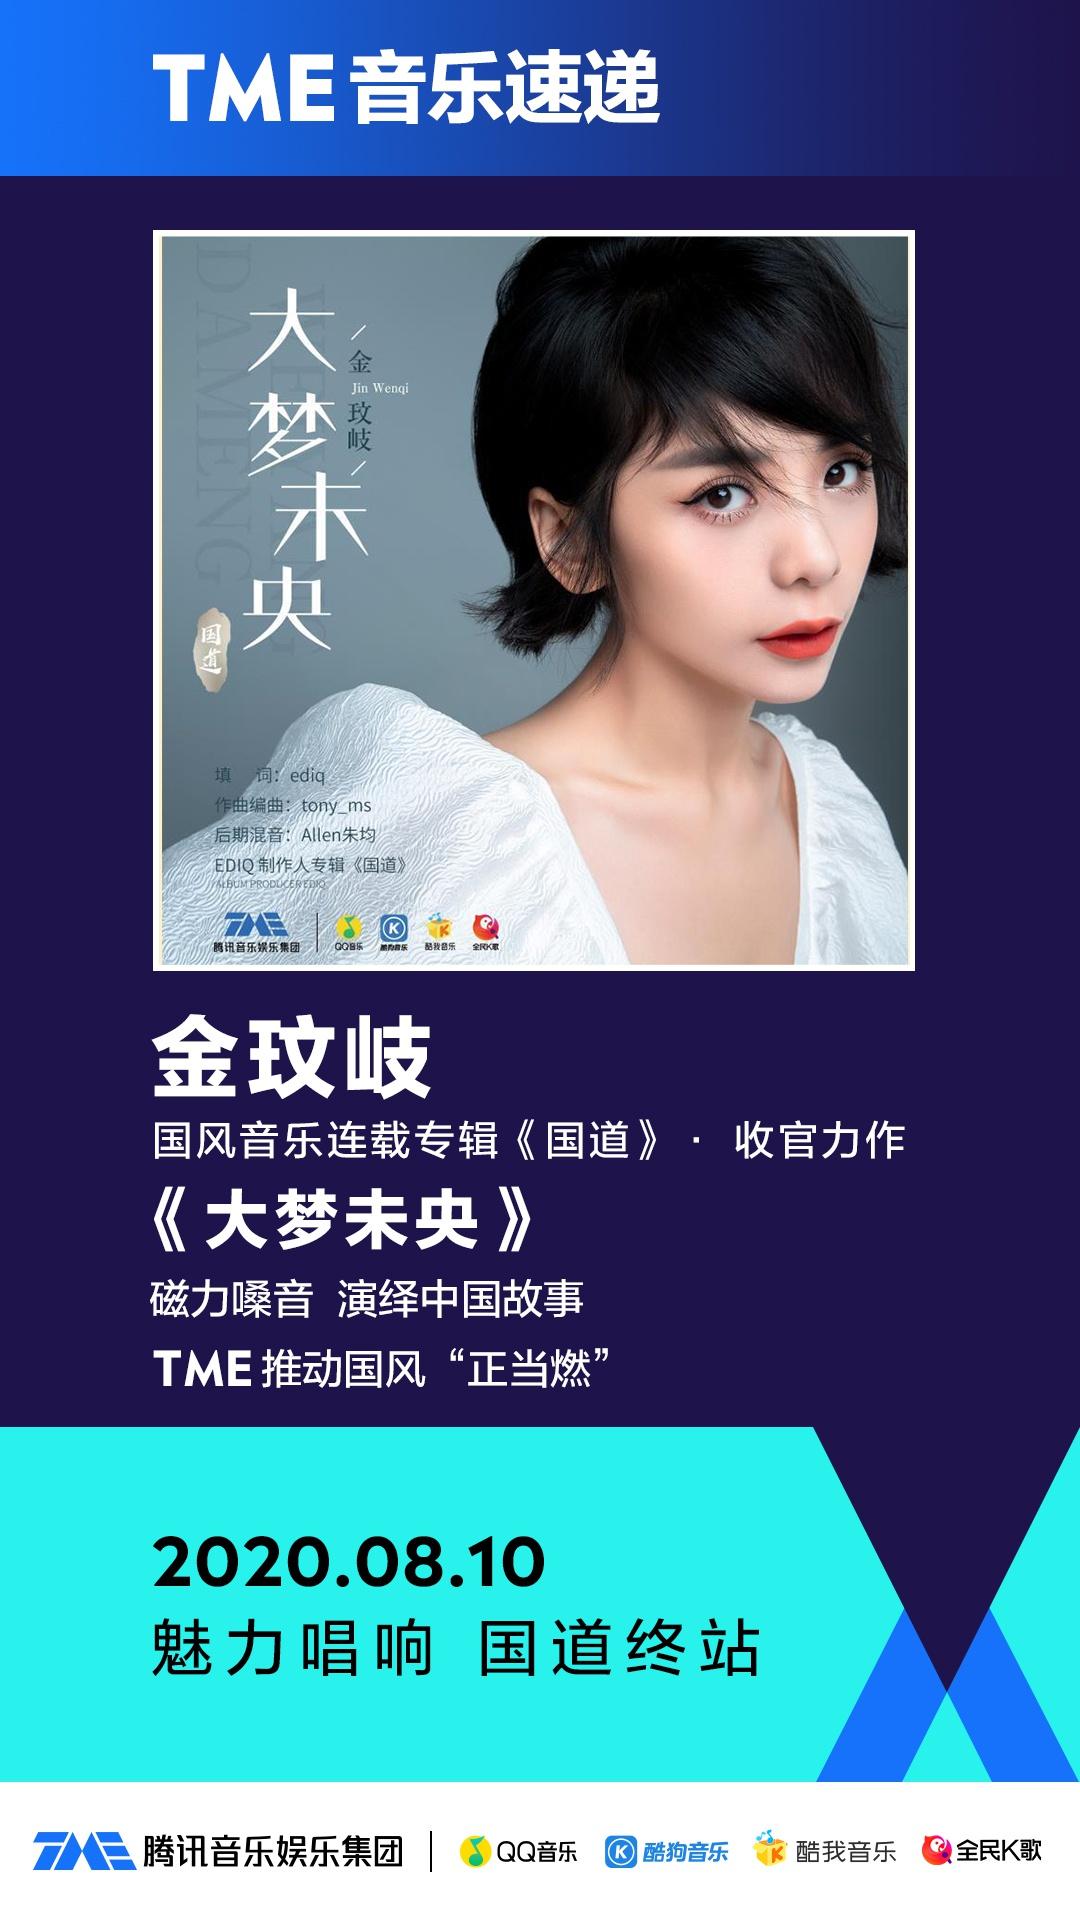 http://www.weixinrensheng.com/sifanghua/2262364.html